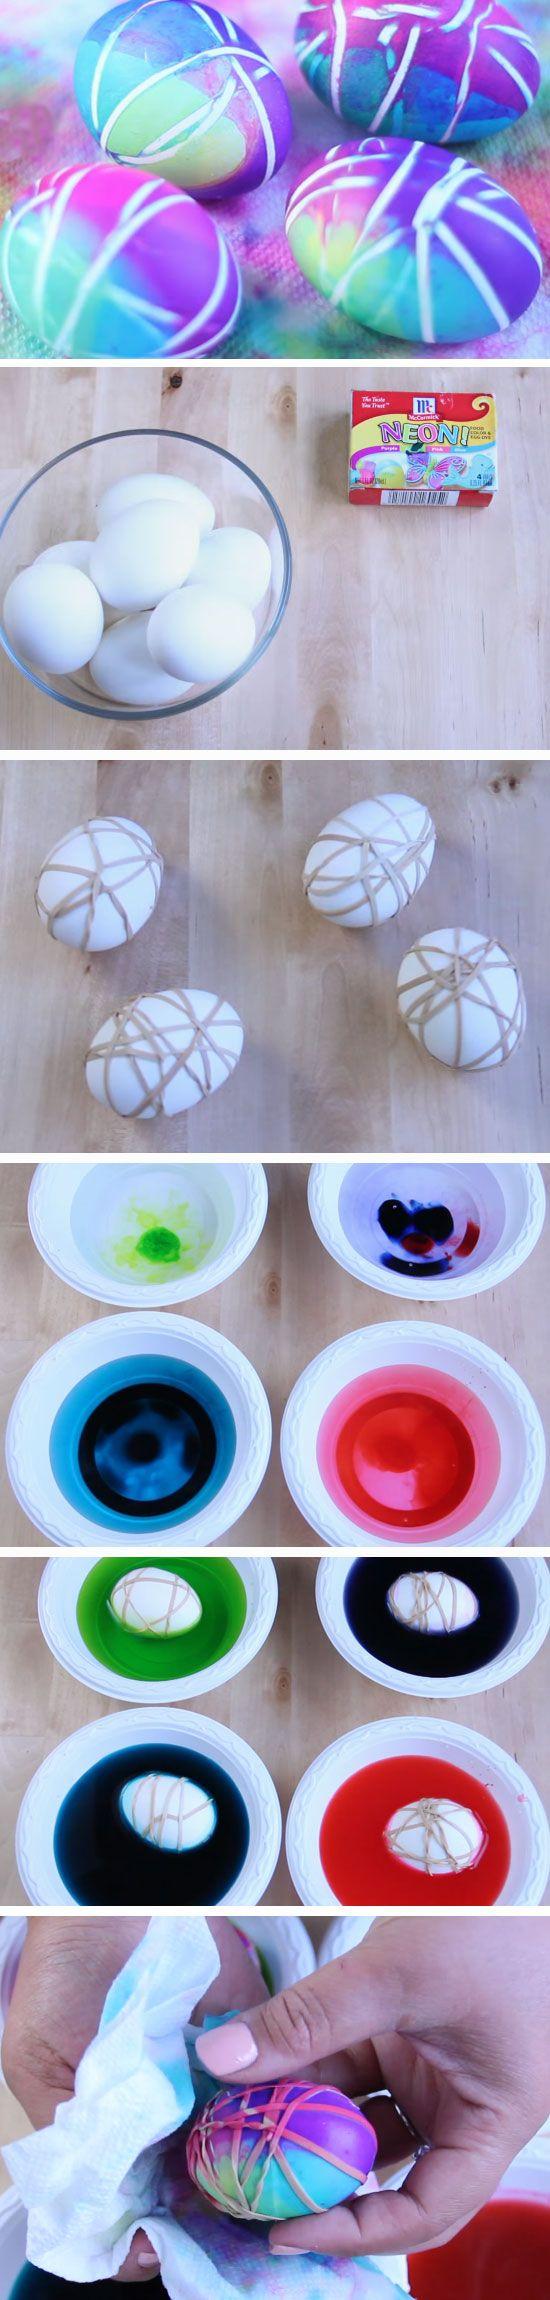 Blue   Purple | DIY Easter Egg Decorating Ideas for Kids | Easy Easter Egg Crafts for Kids